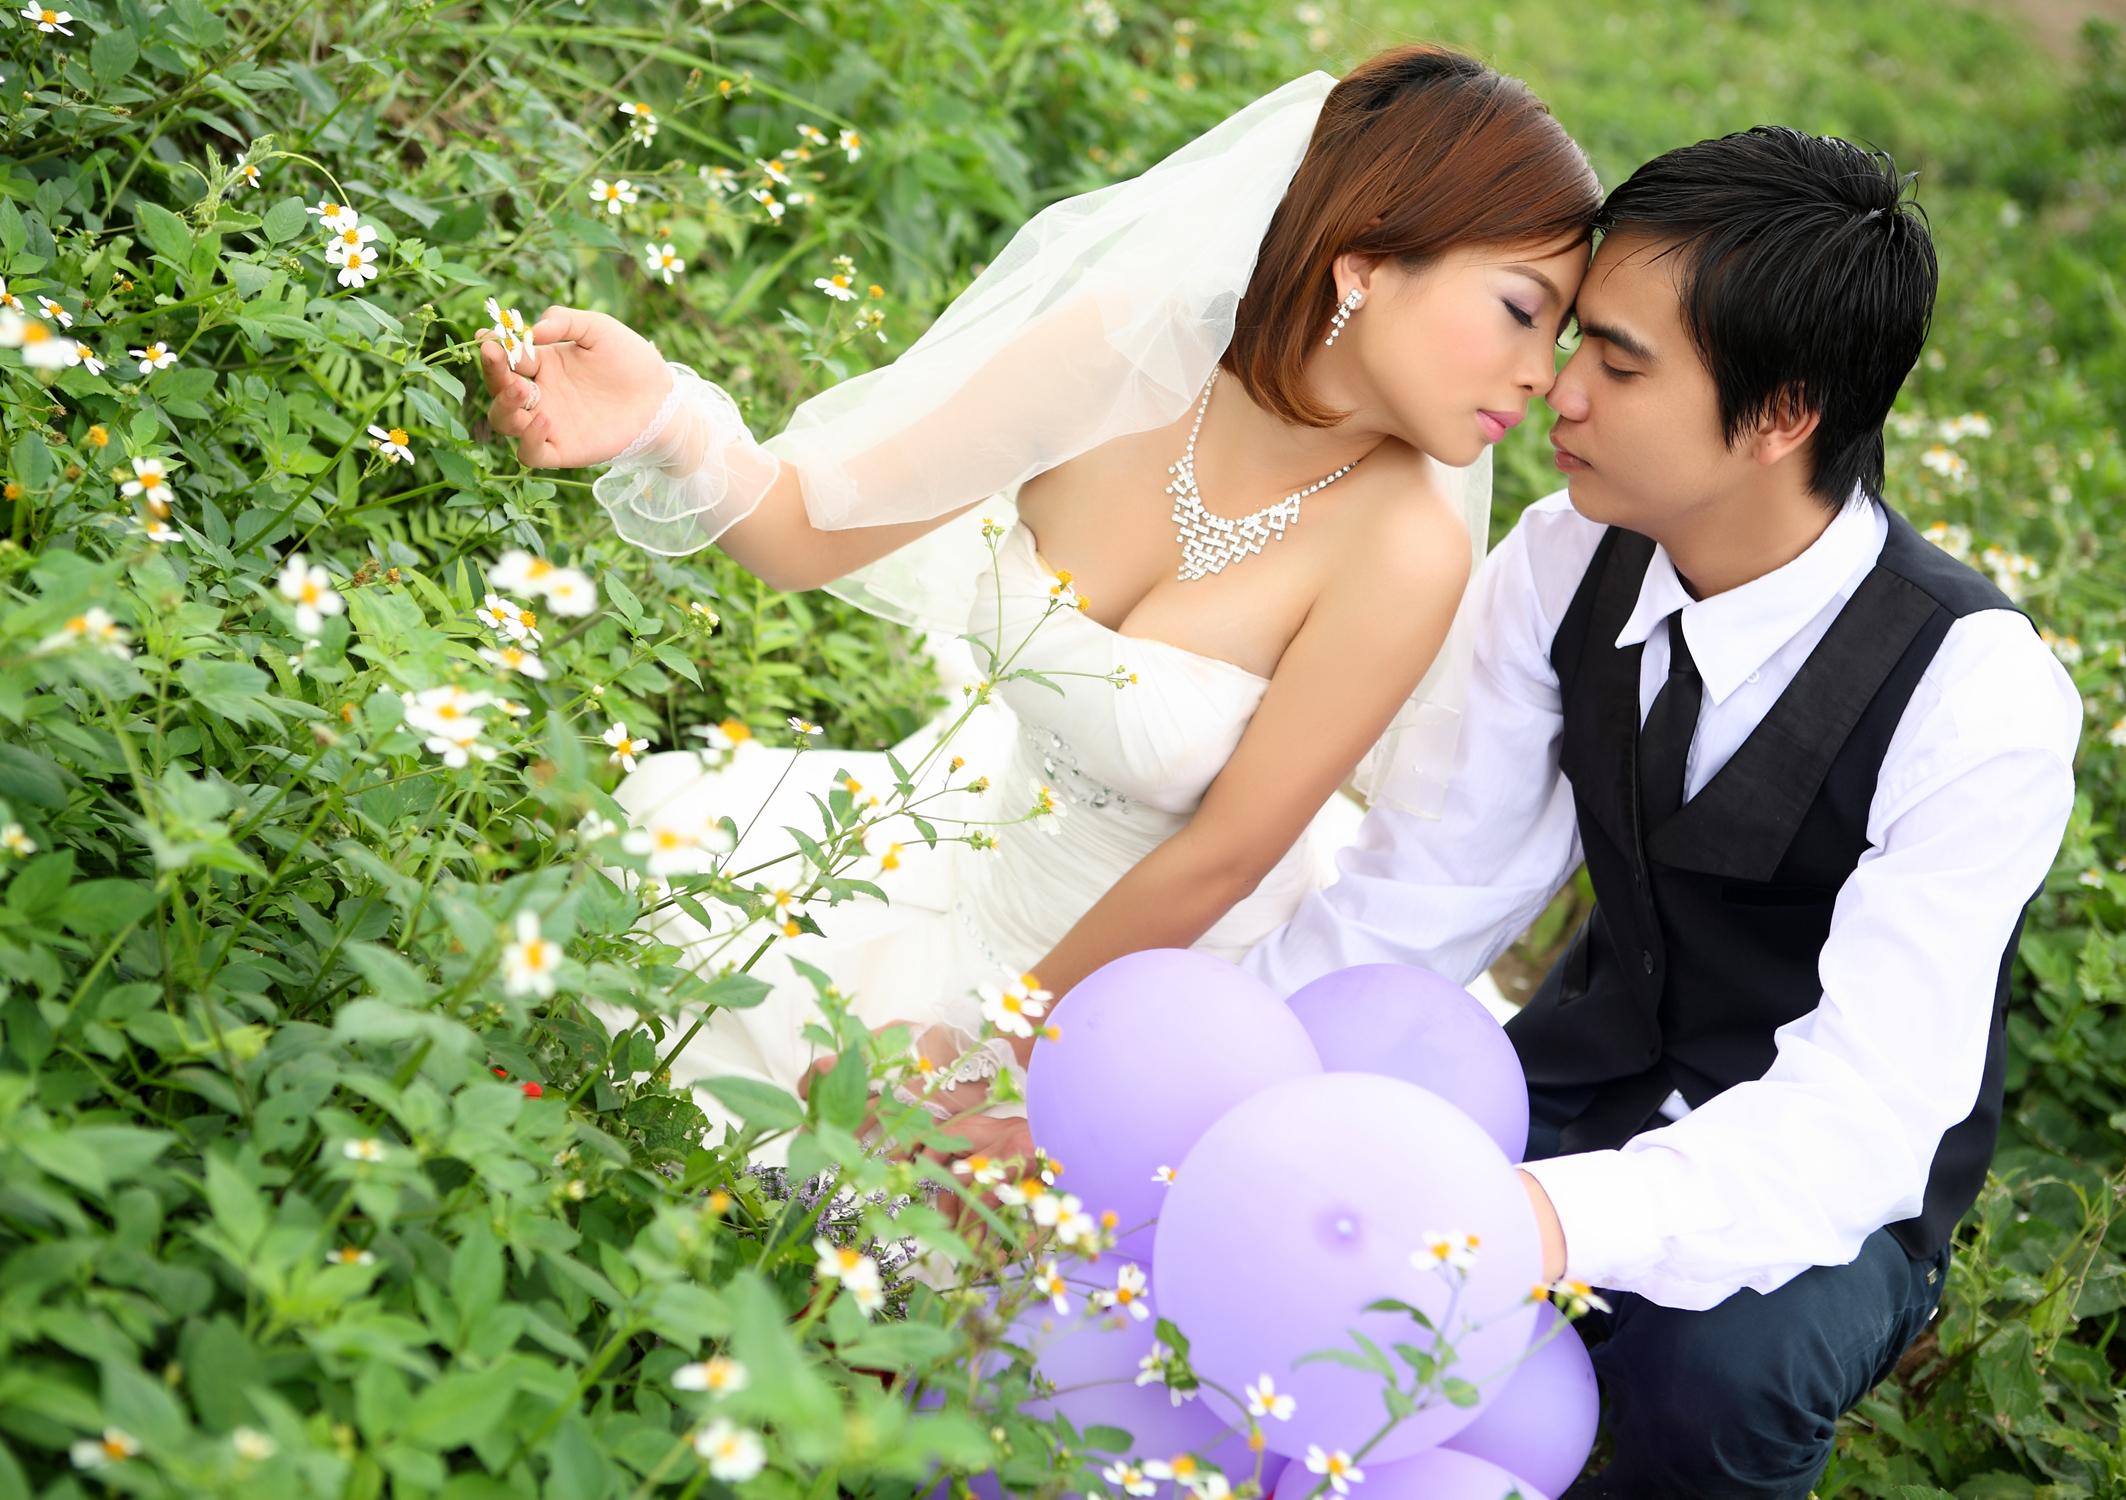 8 lời khuyên để bạn đẹp nhất với váy cưới